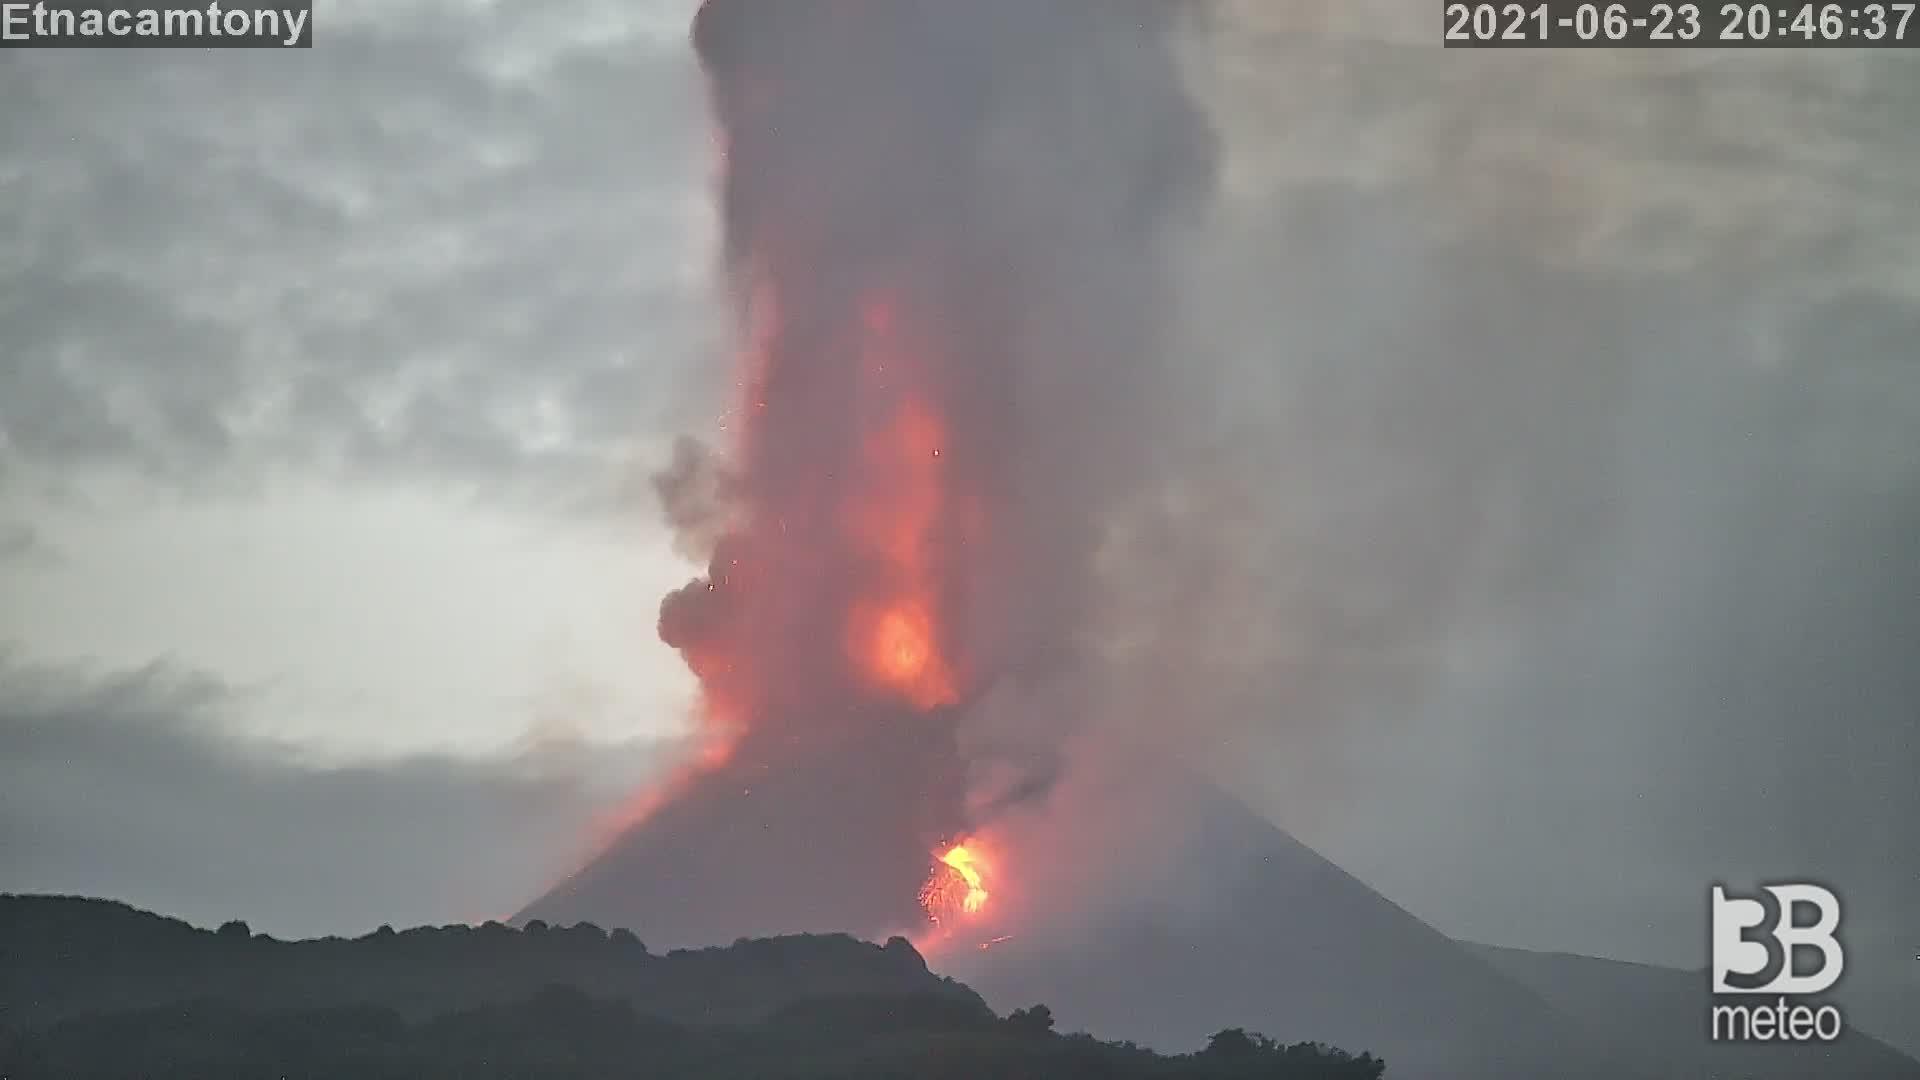 CRONACA - Eruzione Etna parossismo 23 giugno 2021 - VIDEO